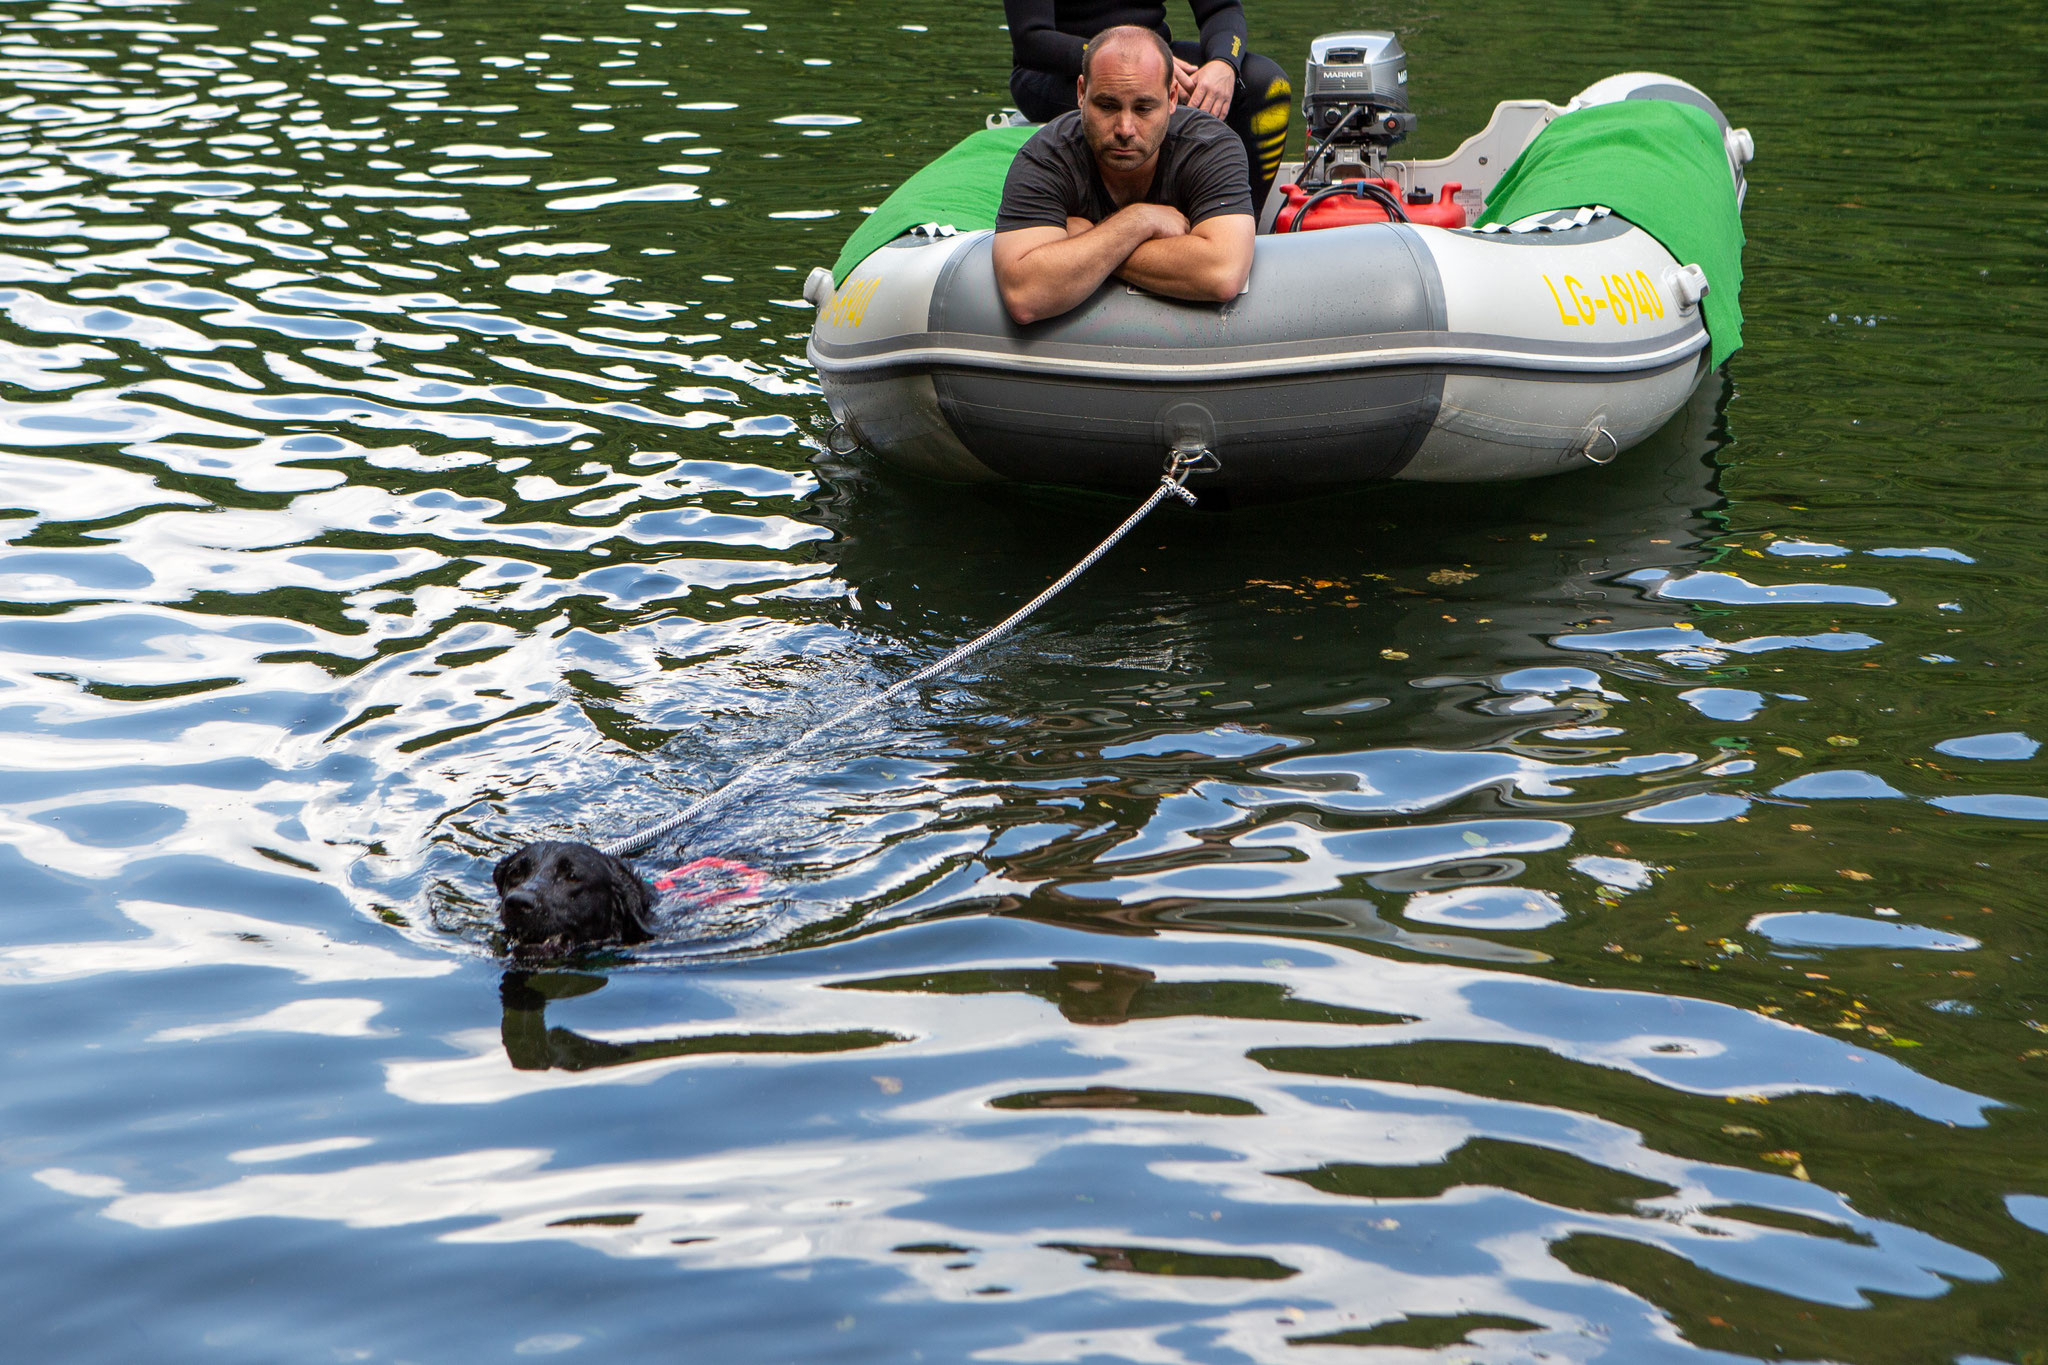 Mimi zieht das Boot mit 2 Männer!!!